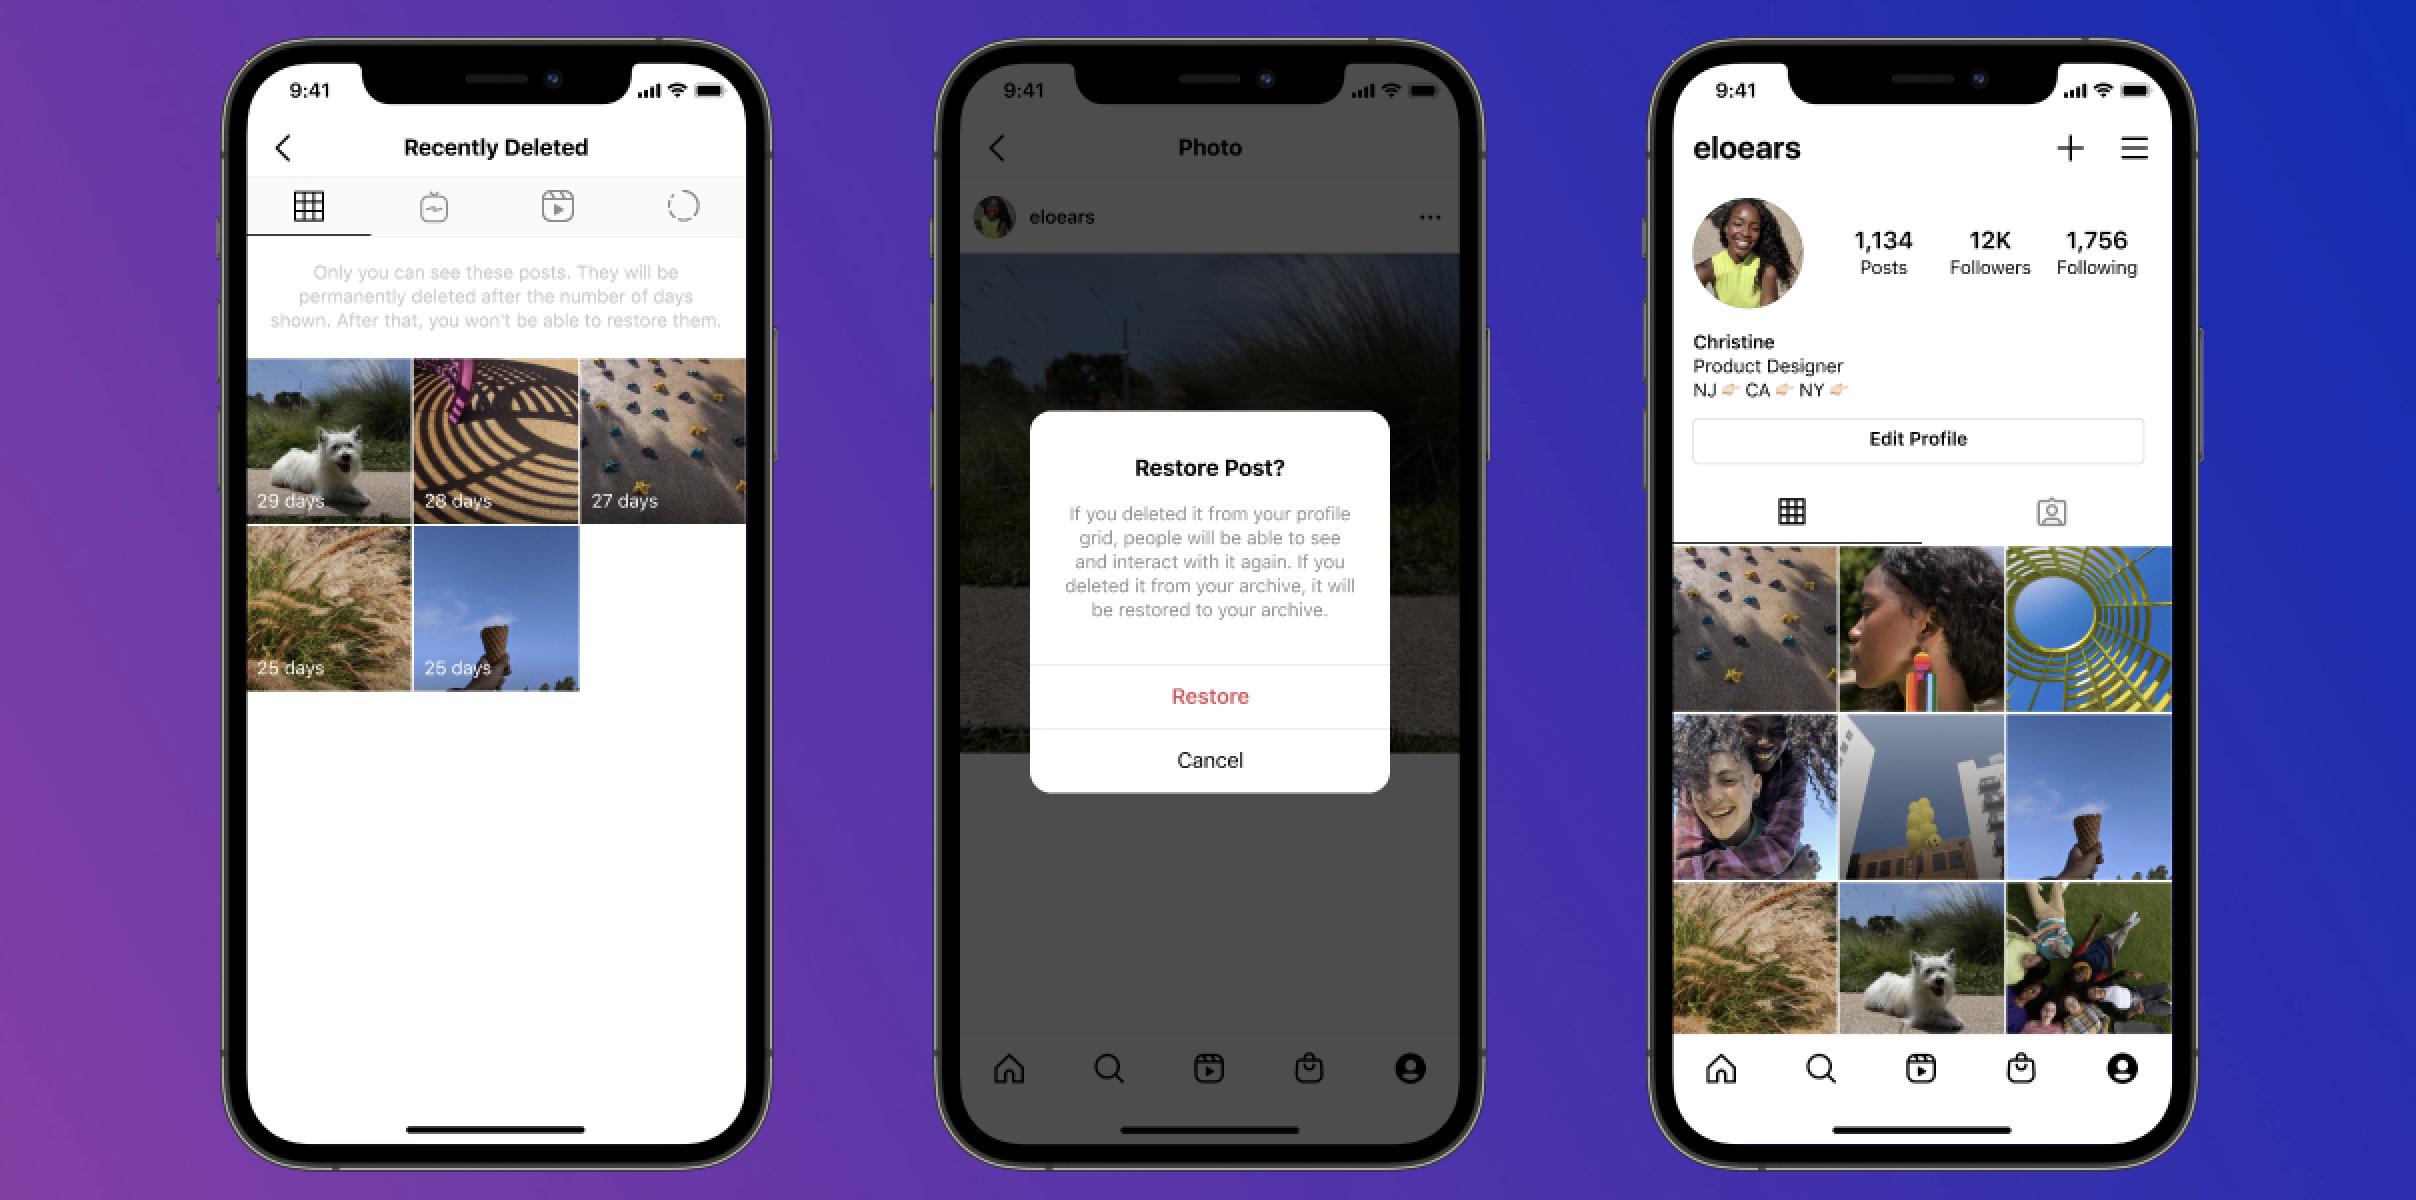 Cara mengembalikan postingan Instagram